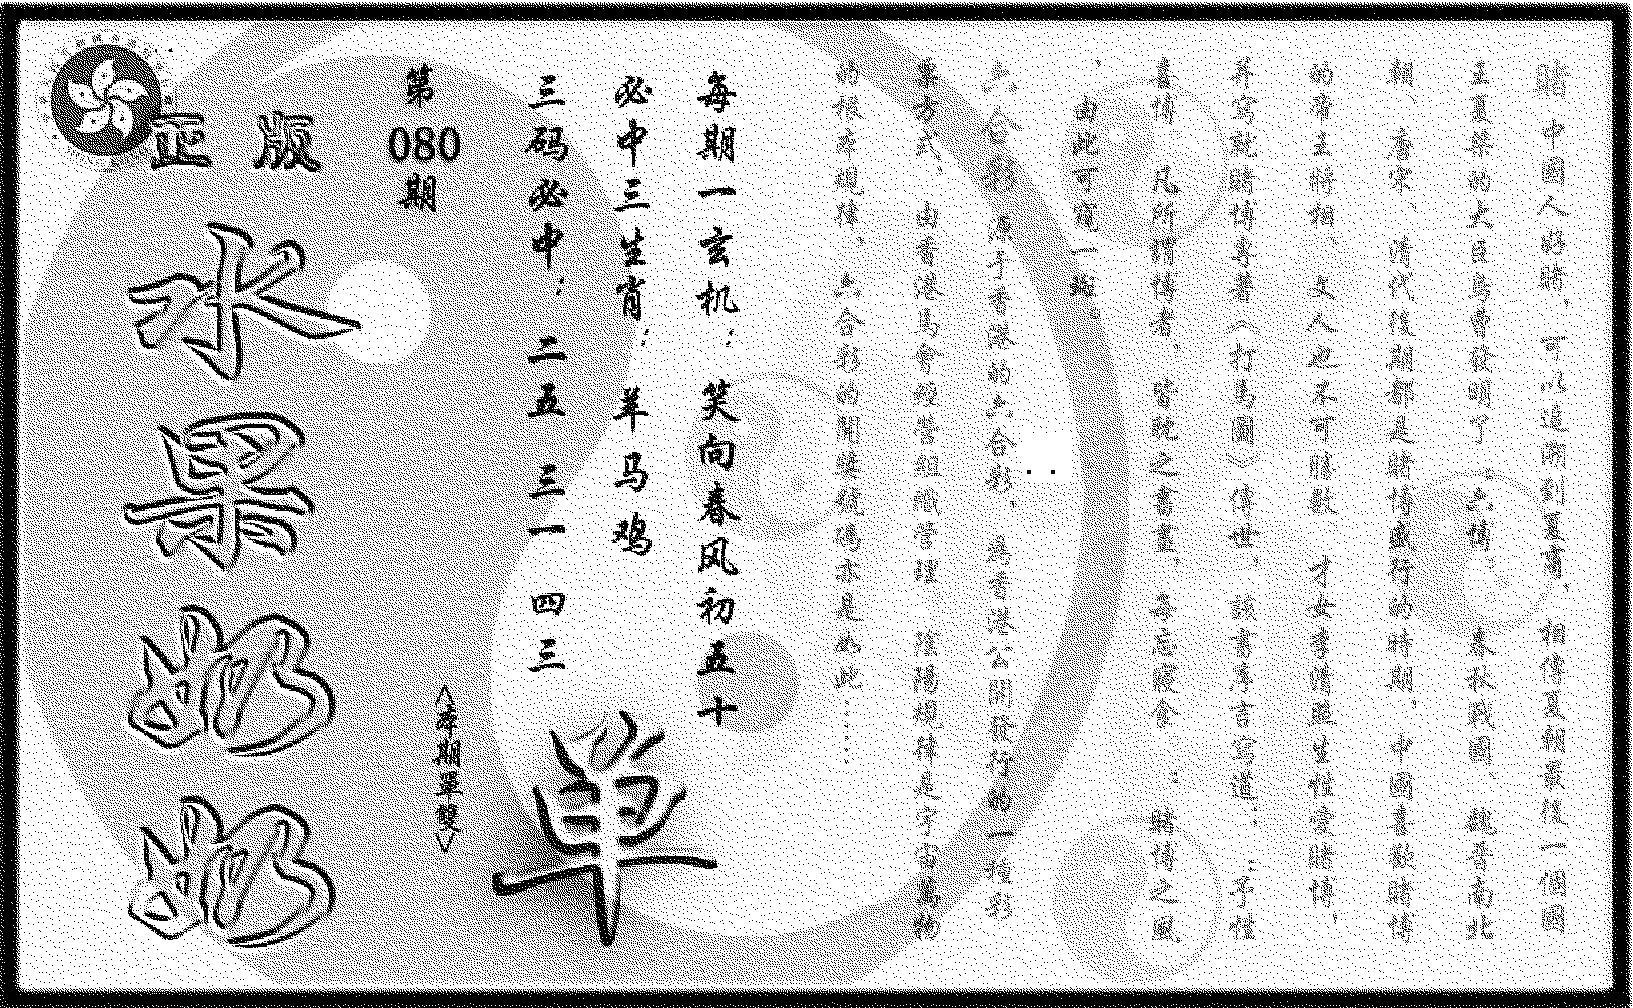 080期(九龙单双攻略)正版(黑白)